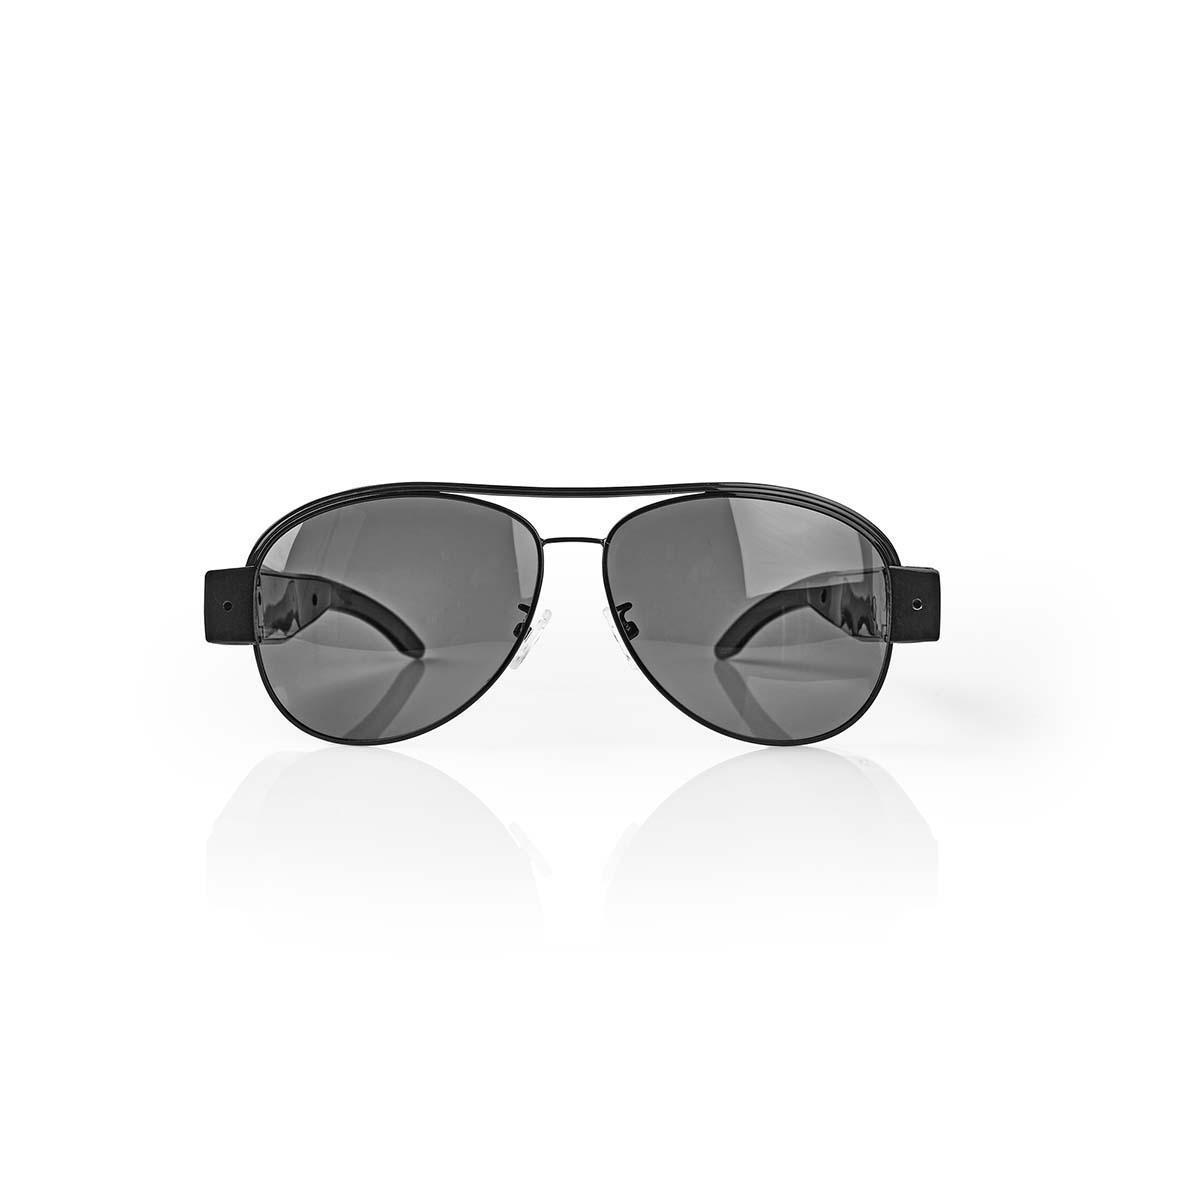 Gafas de sol con cámara integrada | 1920x1080 video | 4032x3024 foto | Recargable Póngase estas gafas de sol con una cámara oculta y tome fotos discretas. Las gafas de sol no solo son ideales como una cámara espía, sino que también se pueden usar para fil